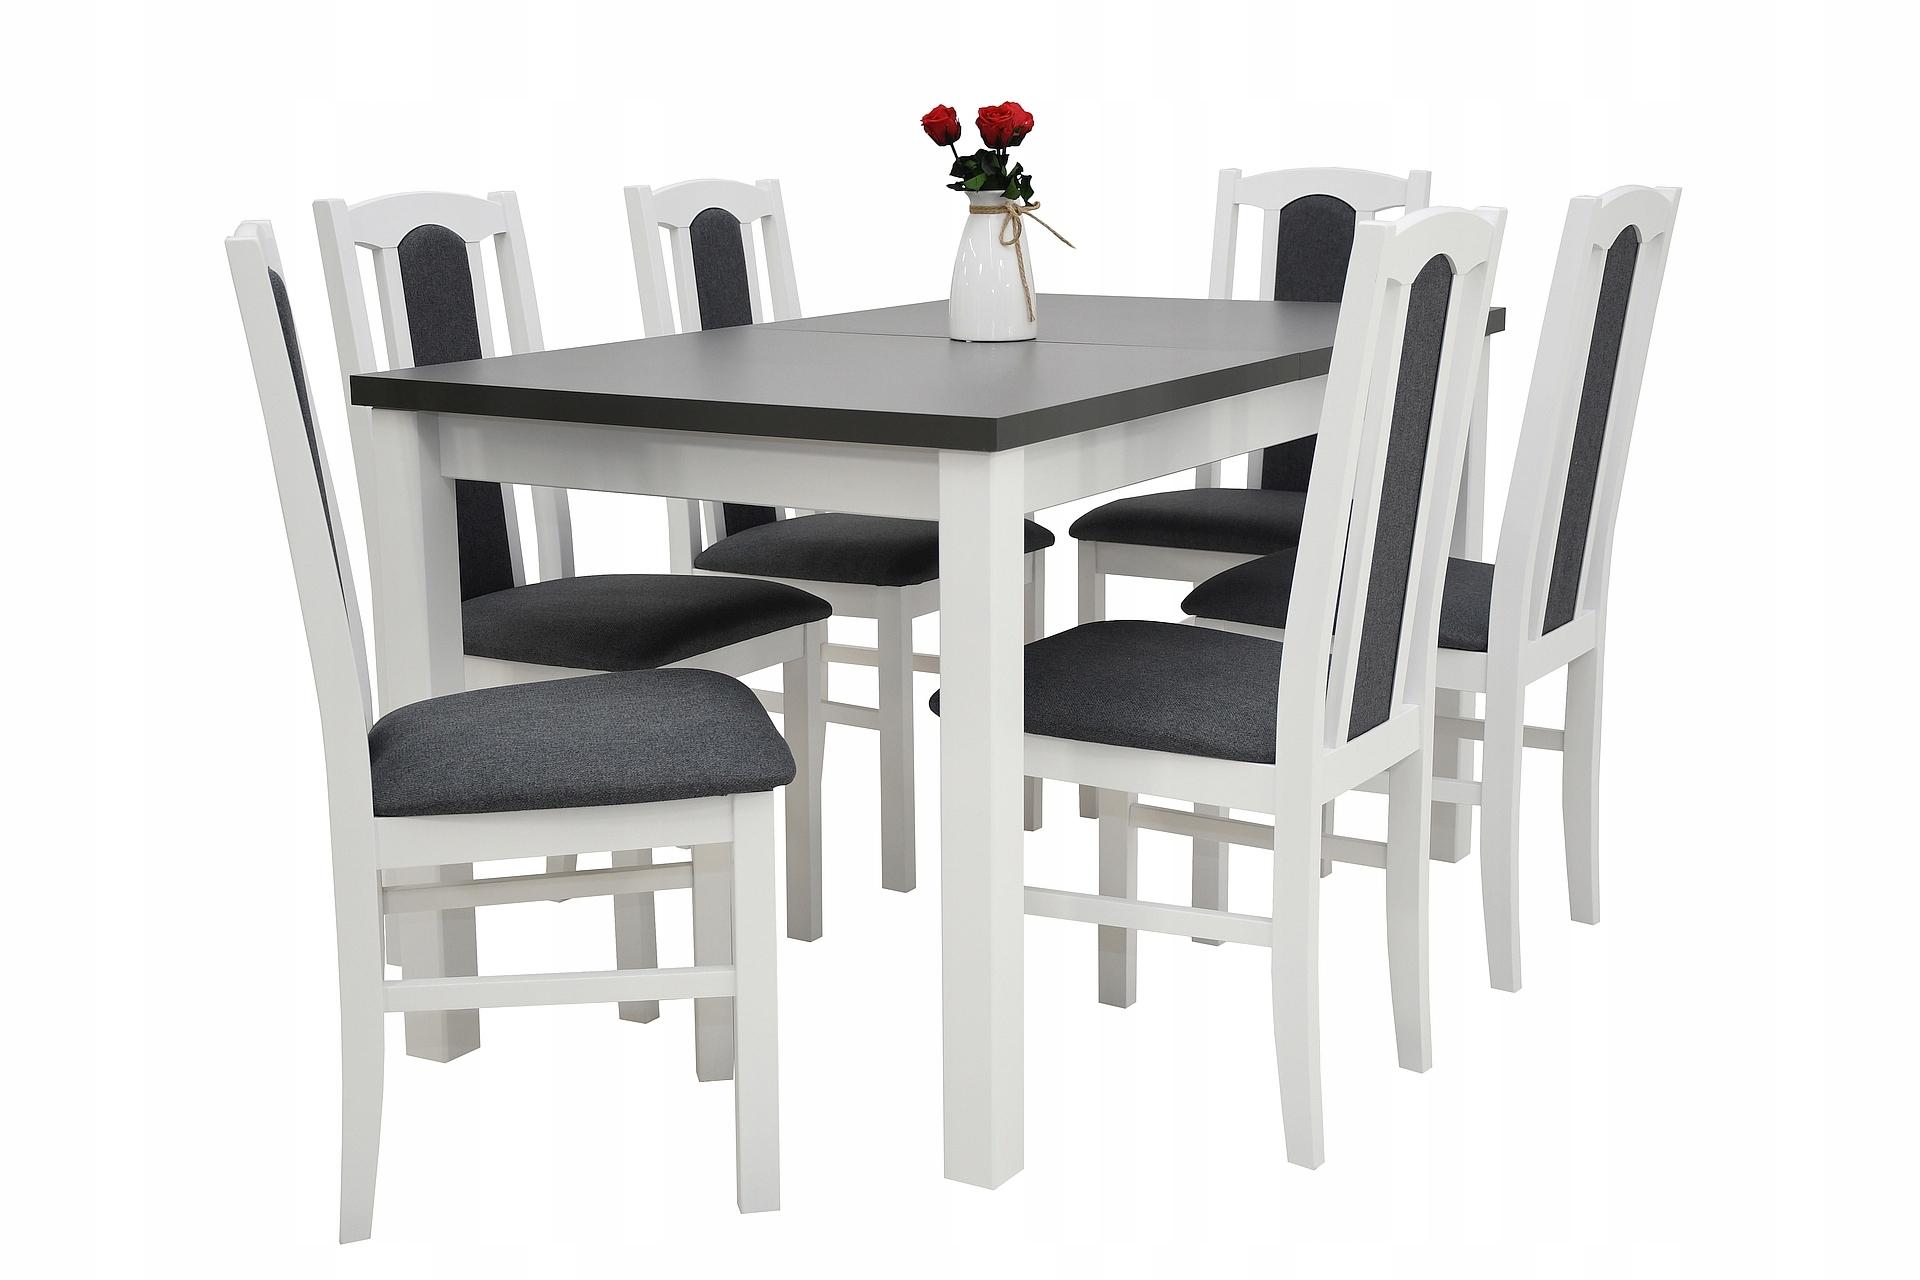 stół z 6 krzesłami, komplet, stoły i krzesła